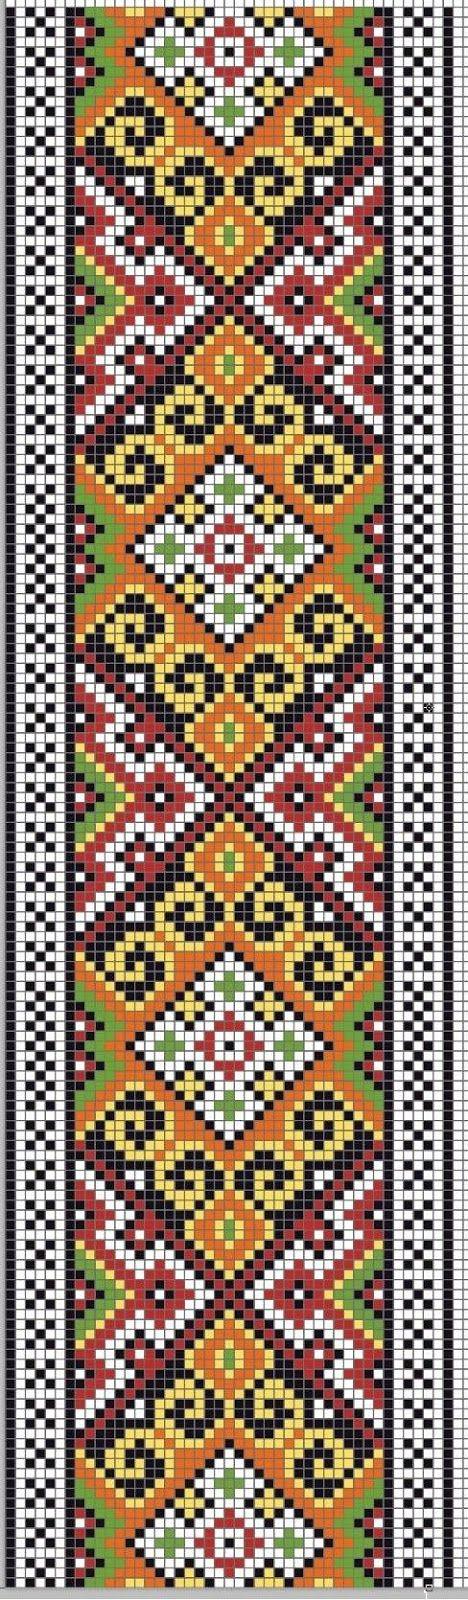 Tutoriales y DIYs: Patrón gratis - Cenefa para tejer a dos agujas